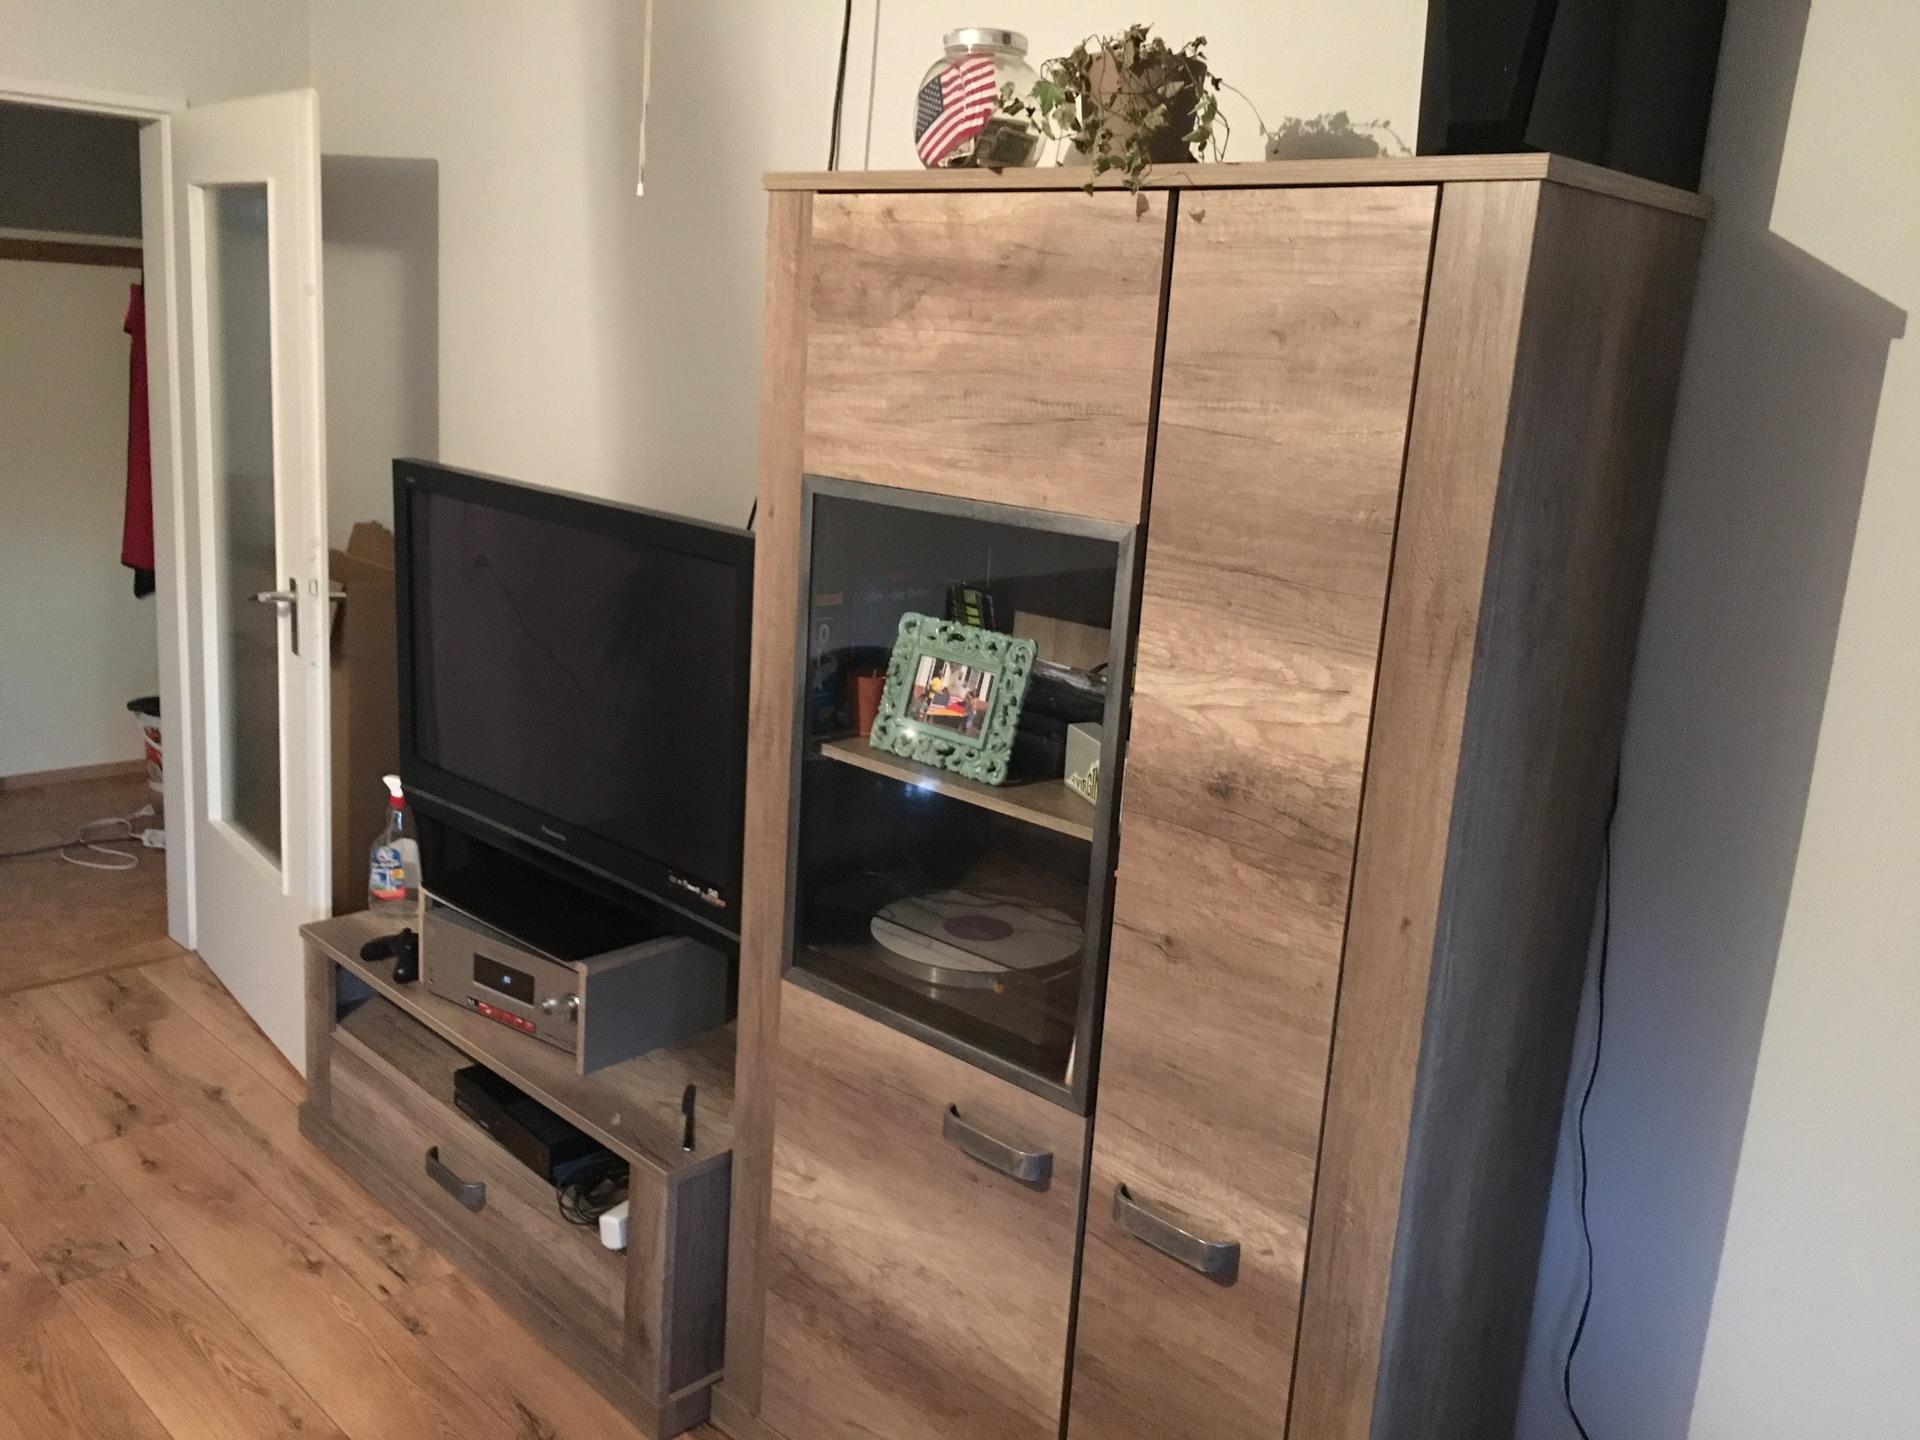 blick vom tisch fernseher ist weg blick fernseher. Black Bedroom Furniture Sets. Home Design Ideas